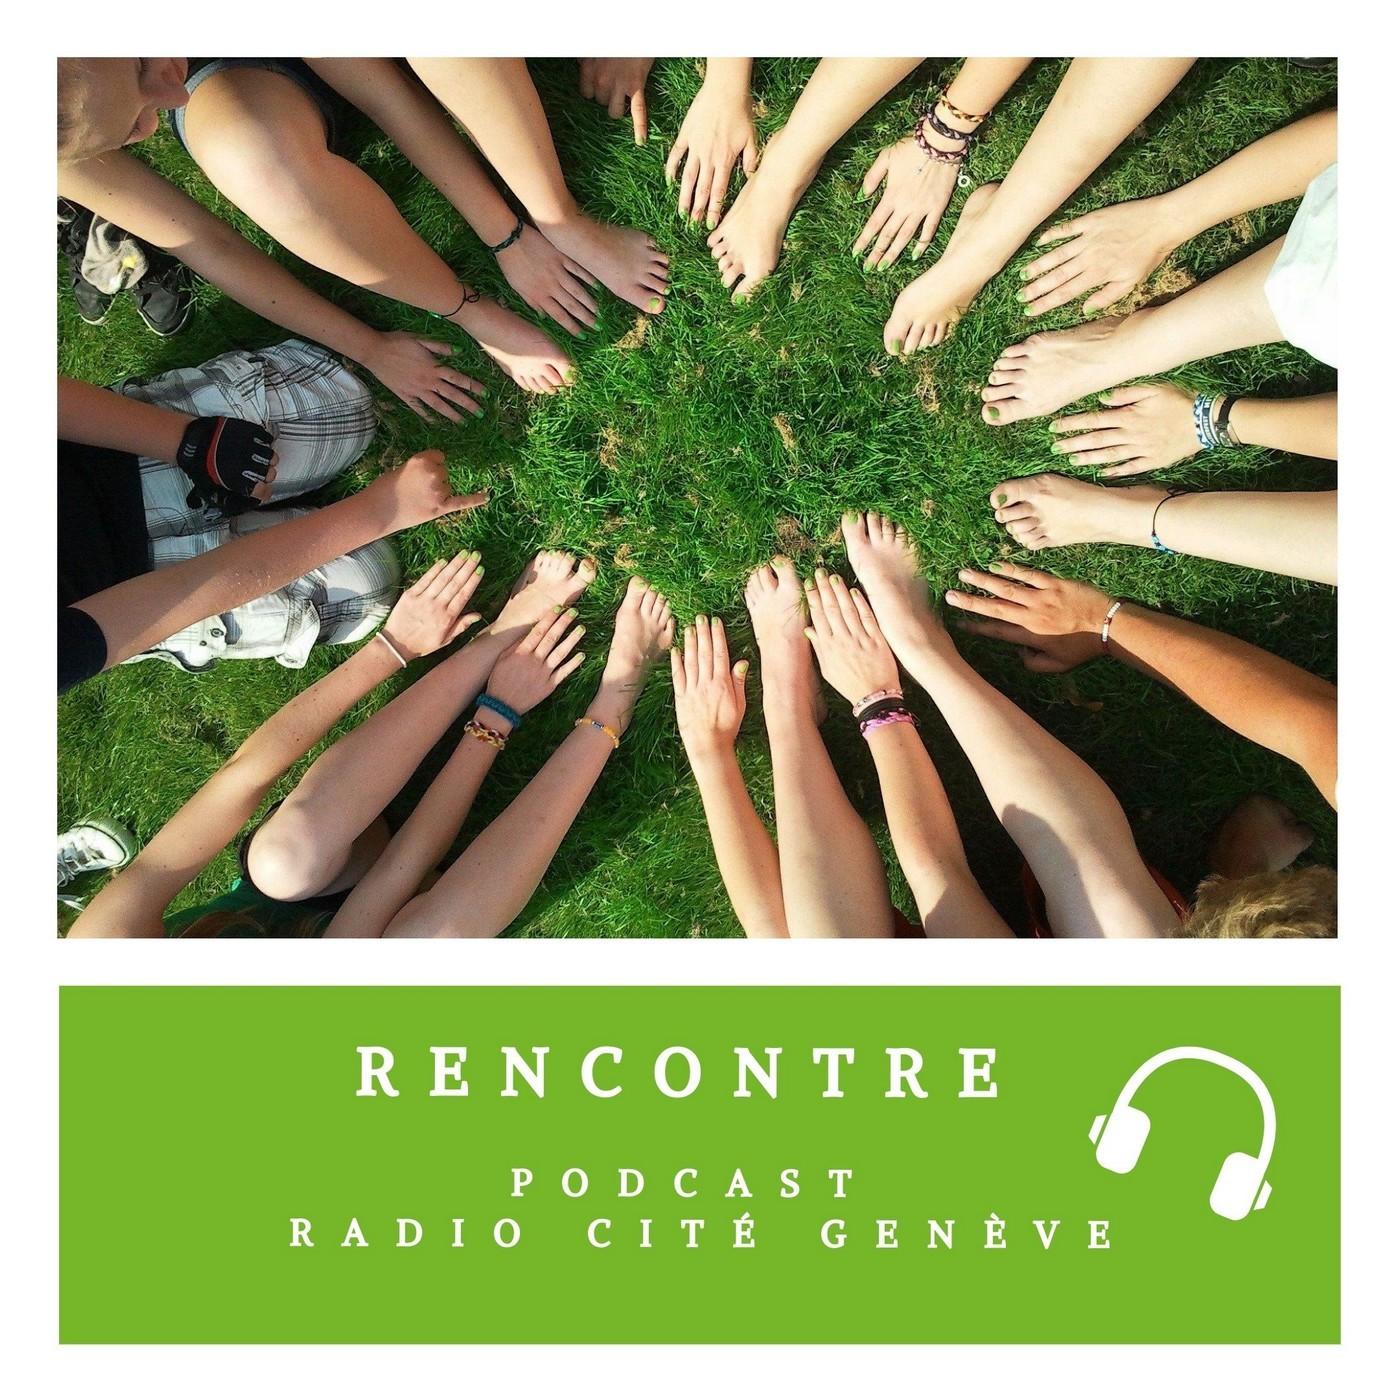 Rencontre du 22/02/21 - Gérard Fontaine